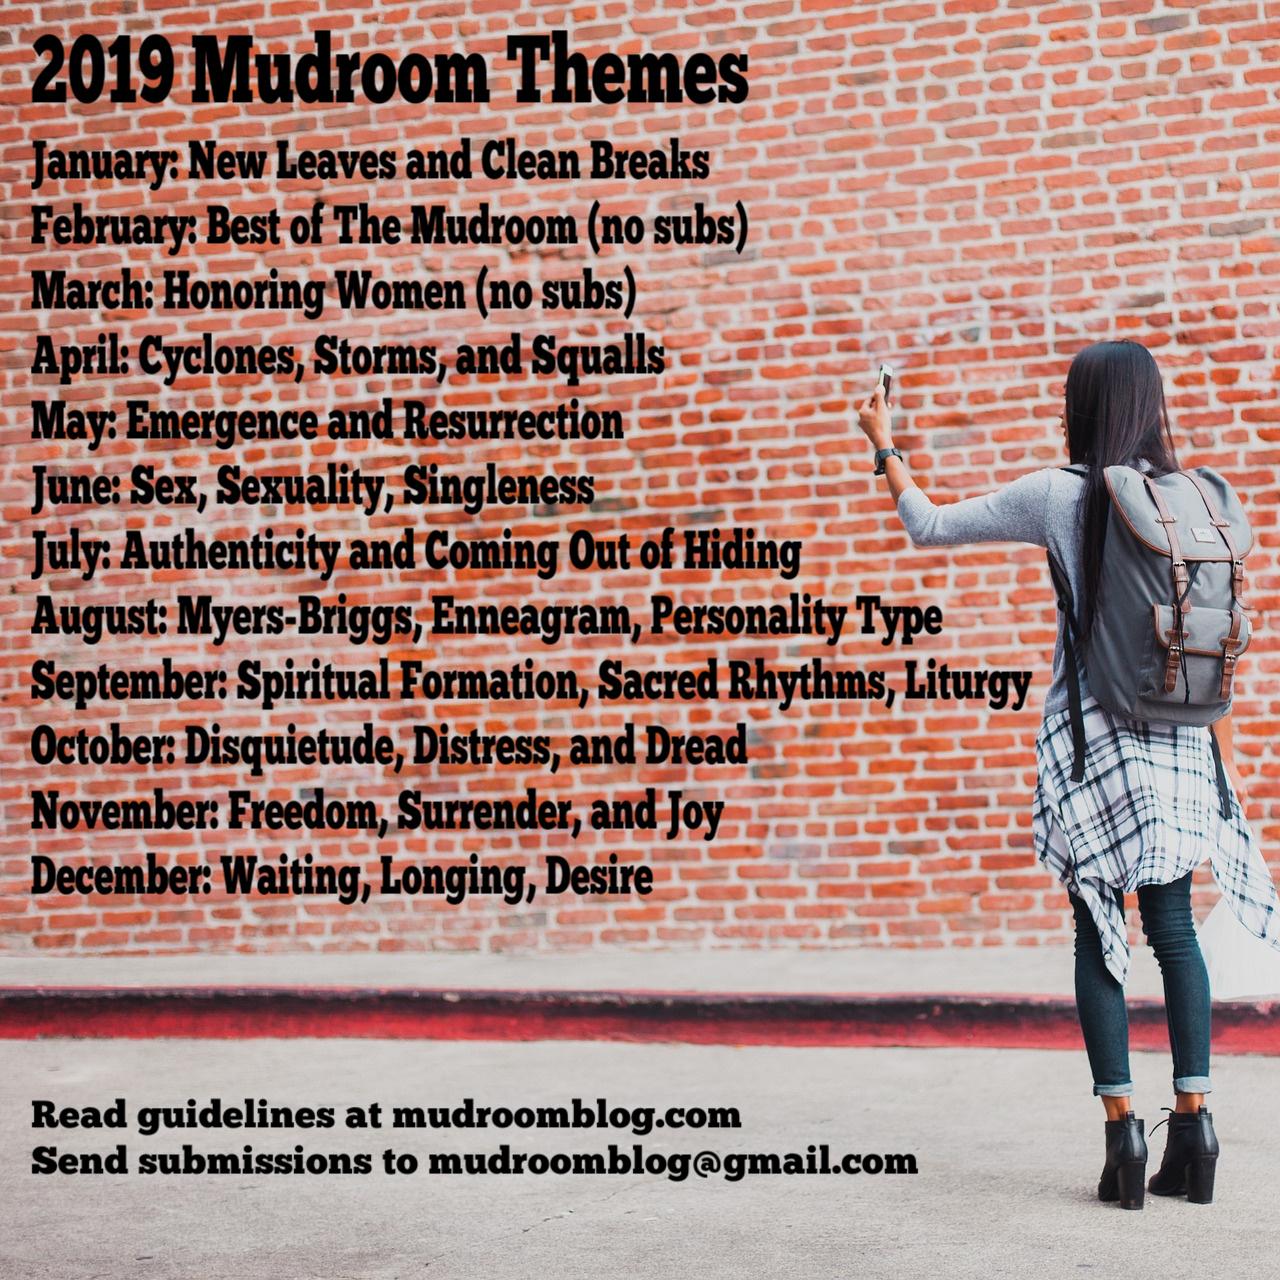 2019 Mudroom Themes